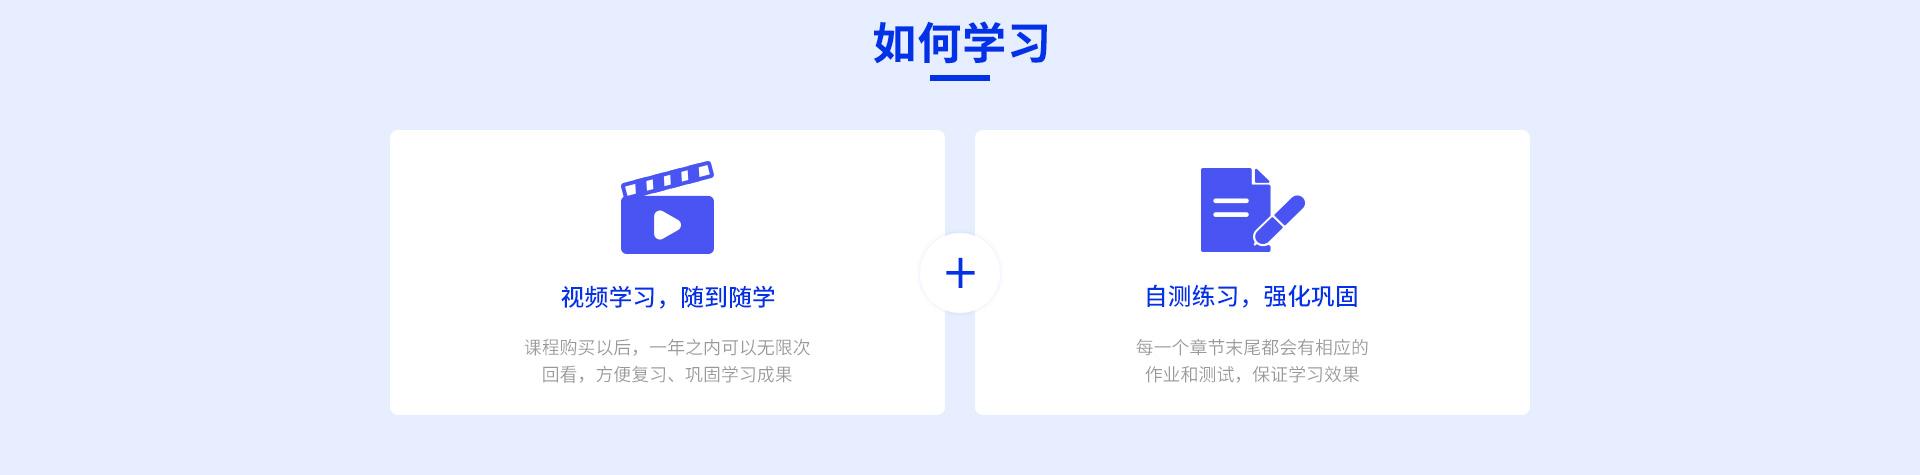 课程介绍页(pc端)_08.jpg